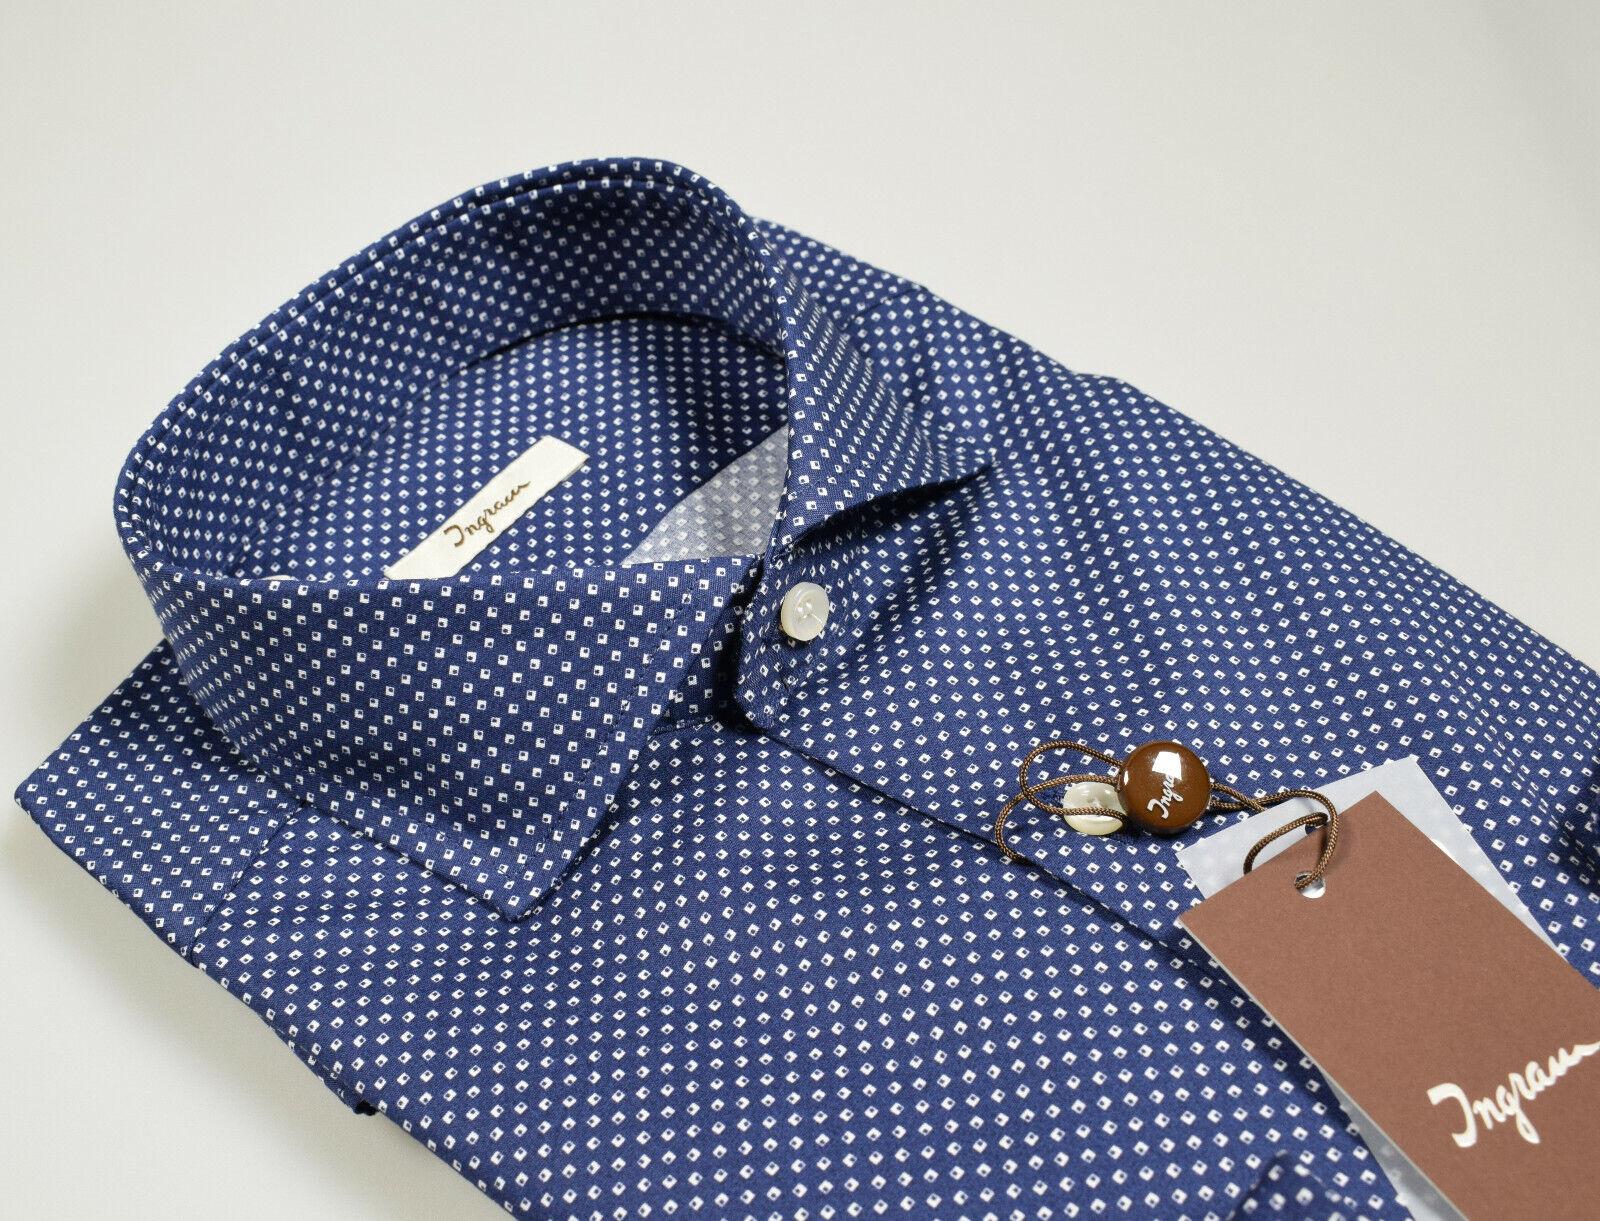 Camicia Moda Ingram Slim Fit Collo Francese Blau Cotone disegno stampato Bianco